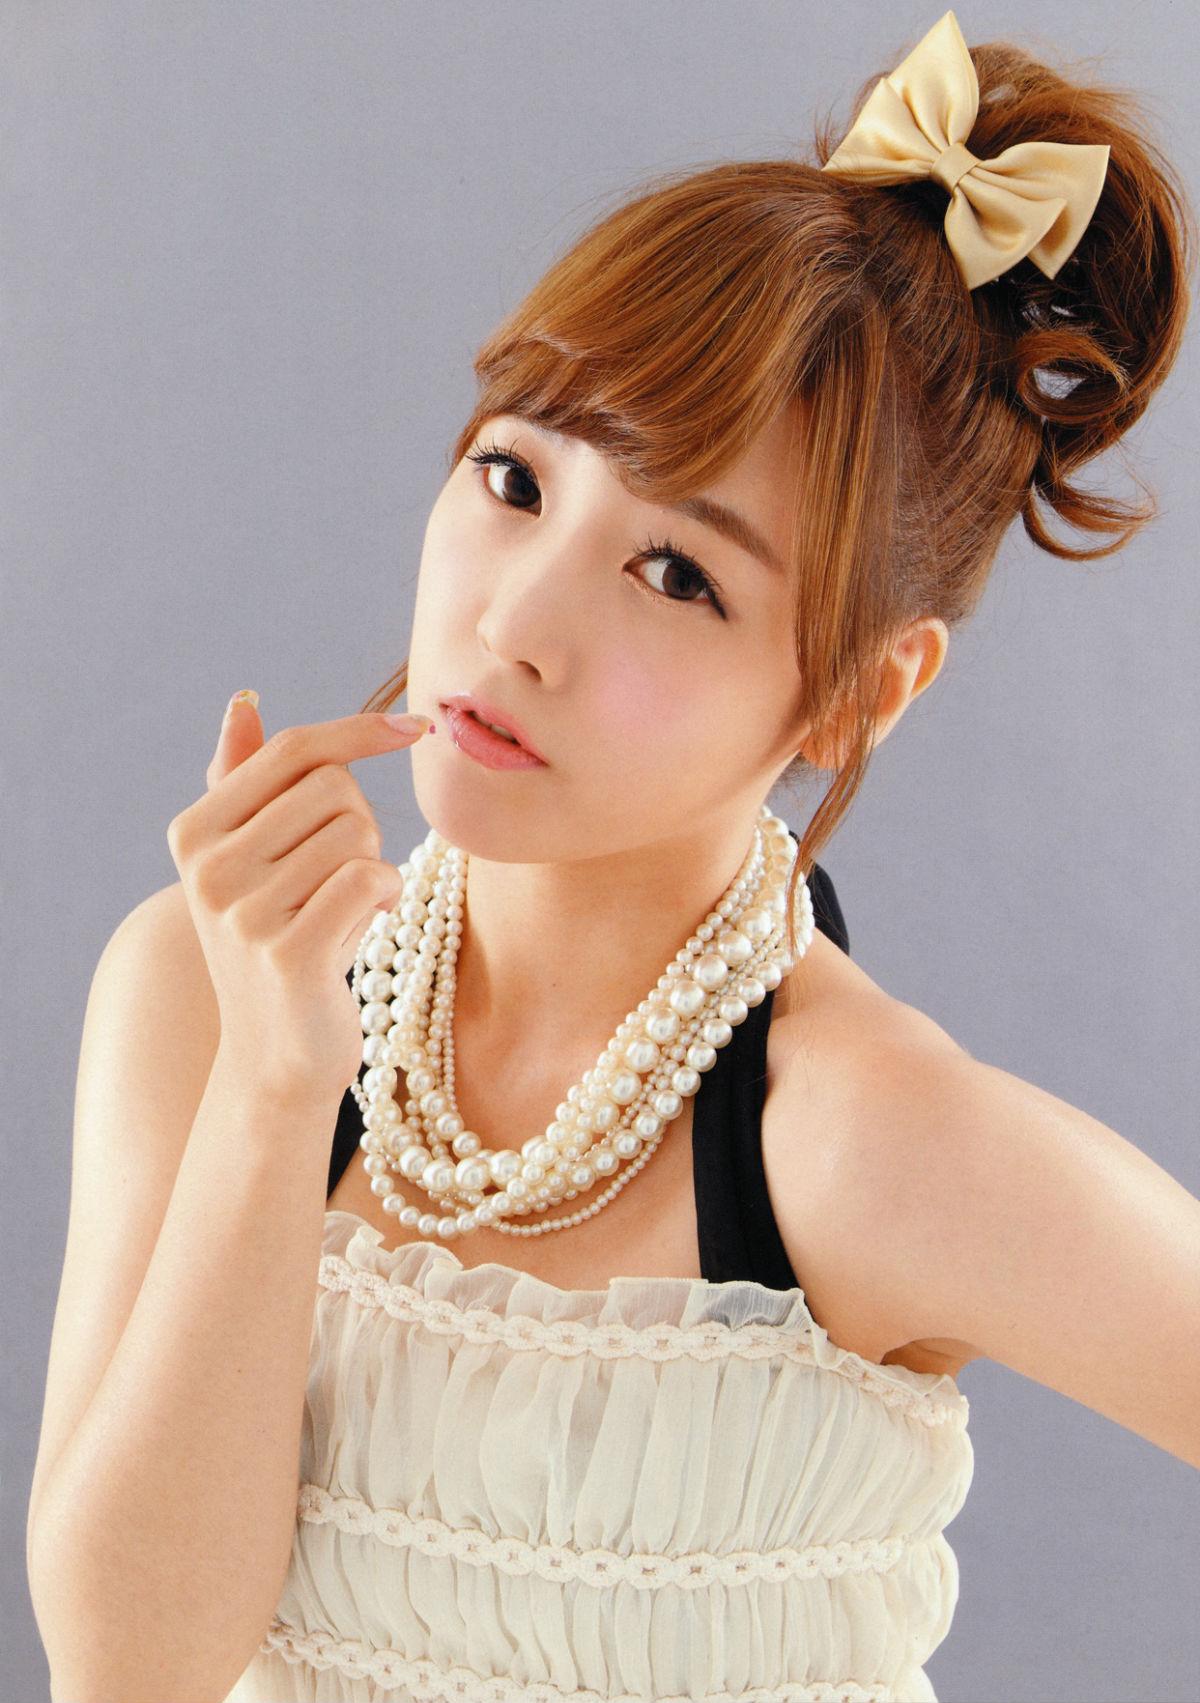 韩国第一美女是谁 百度知道